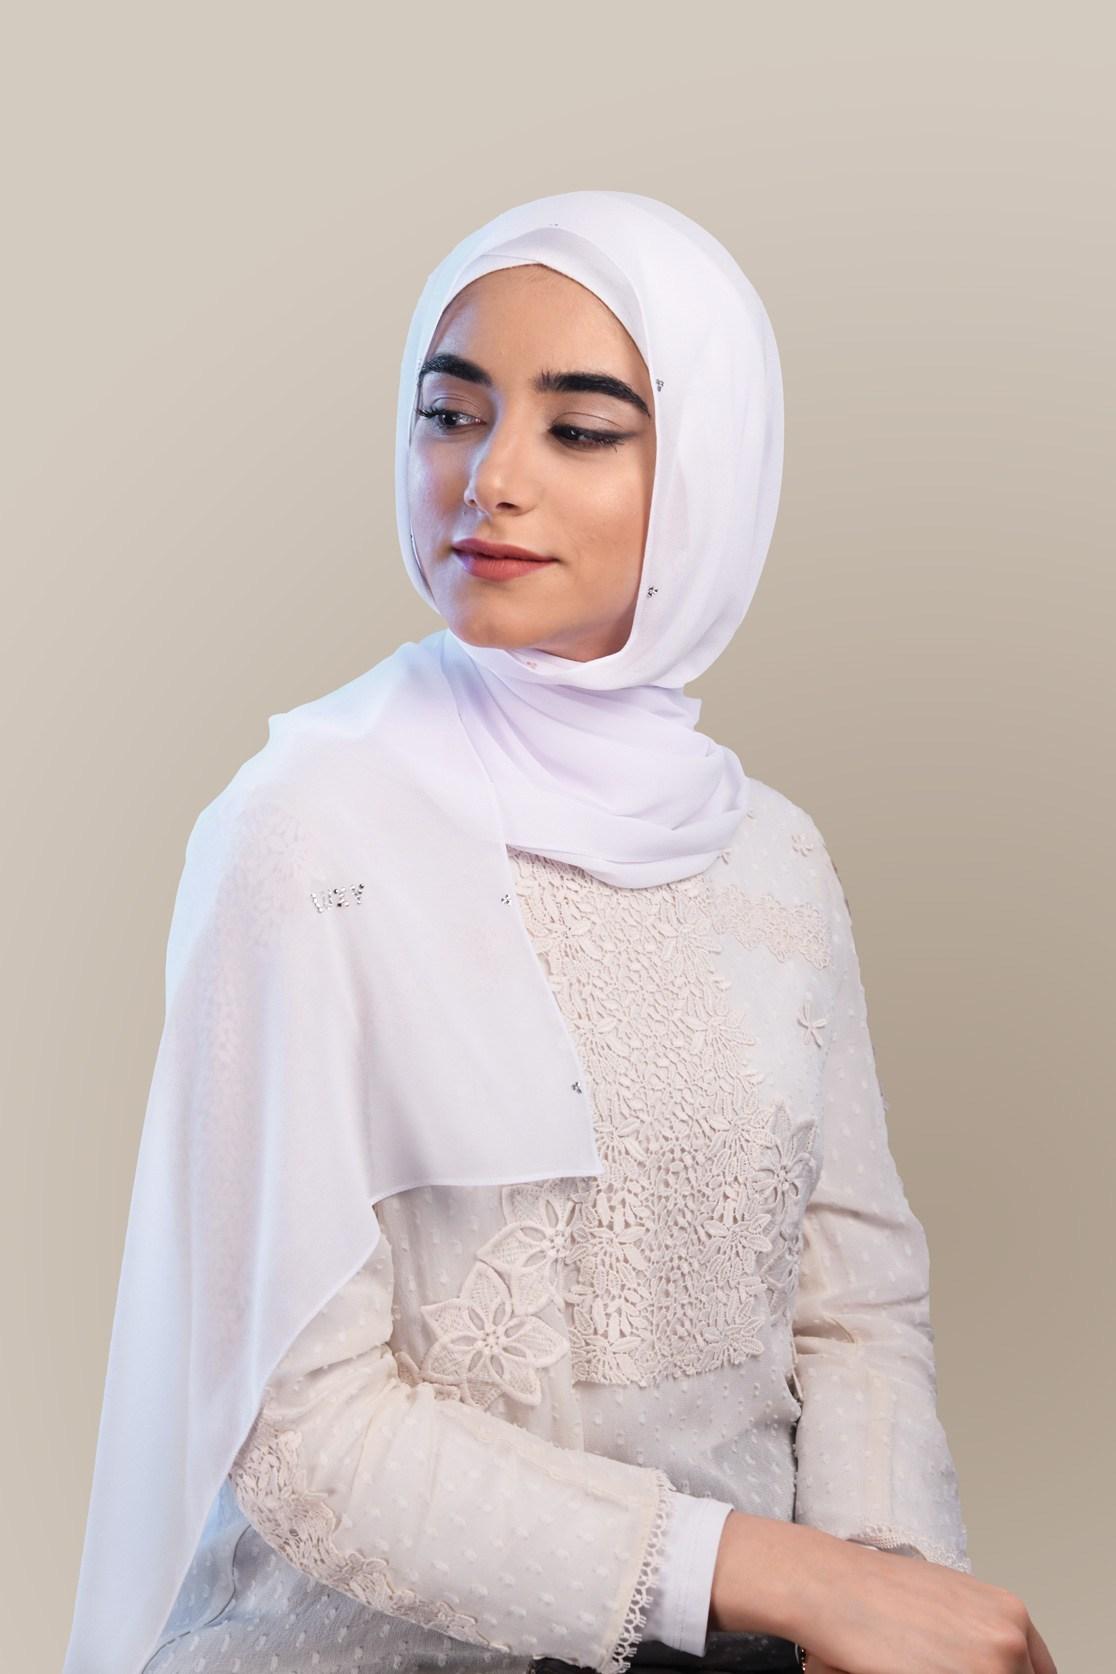 hijab vs burka